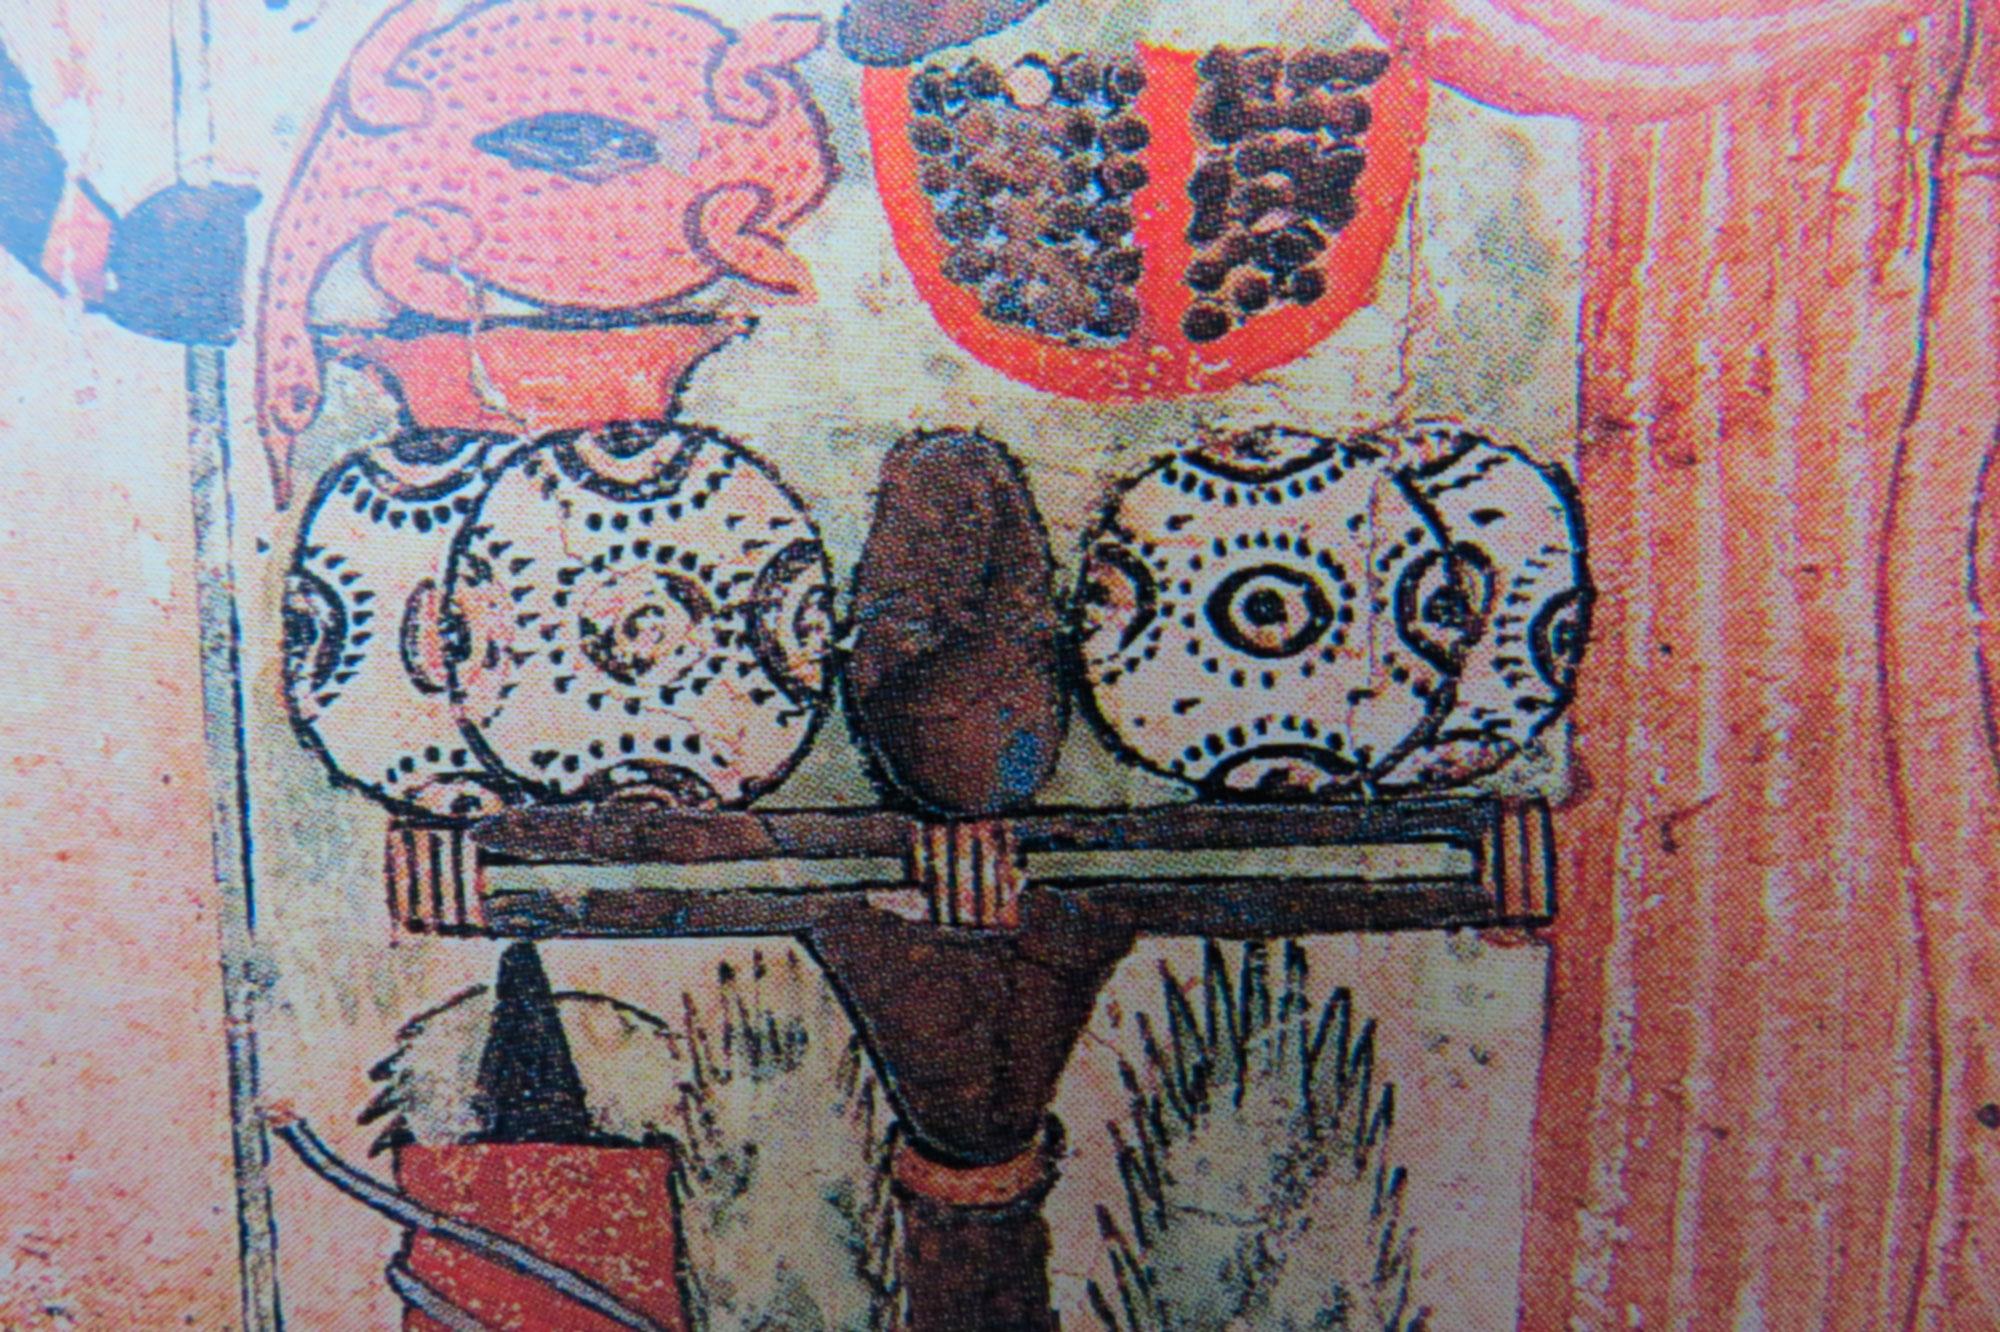 """Marques symboliques """"des pains posés sur le signe Hotep,"""" sur un bas relief égyptien - stèle prêtresse Deniouenkhons, vers 945-712 av JC"""